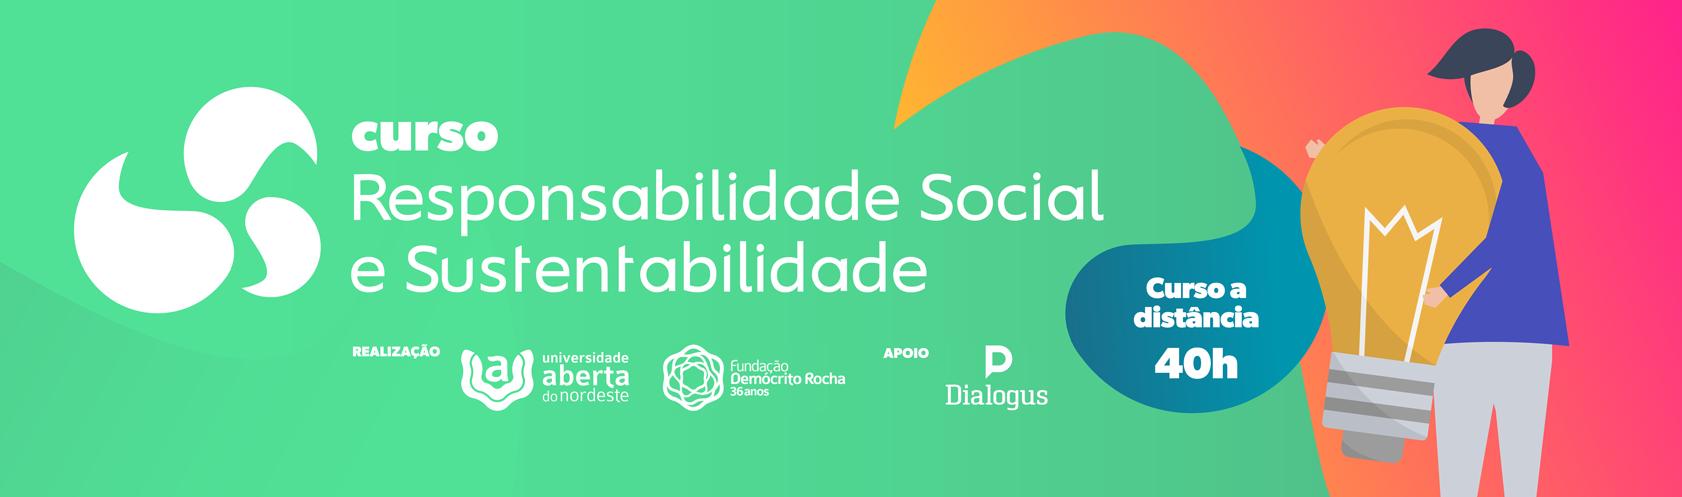 Course Image Curso Livre Responsabilidade Social e Sustentabilidade